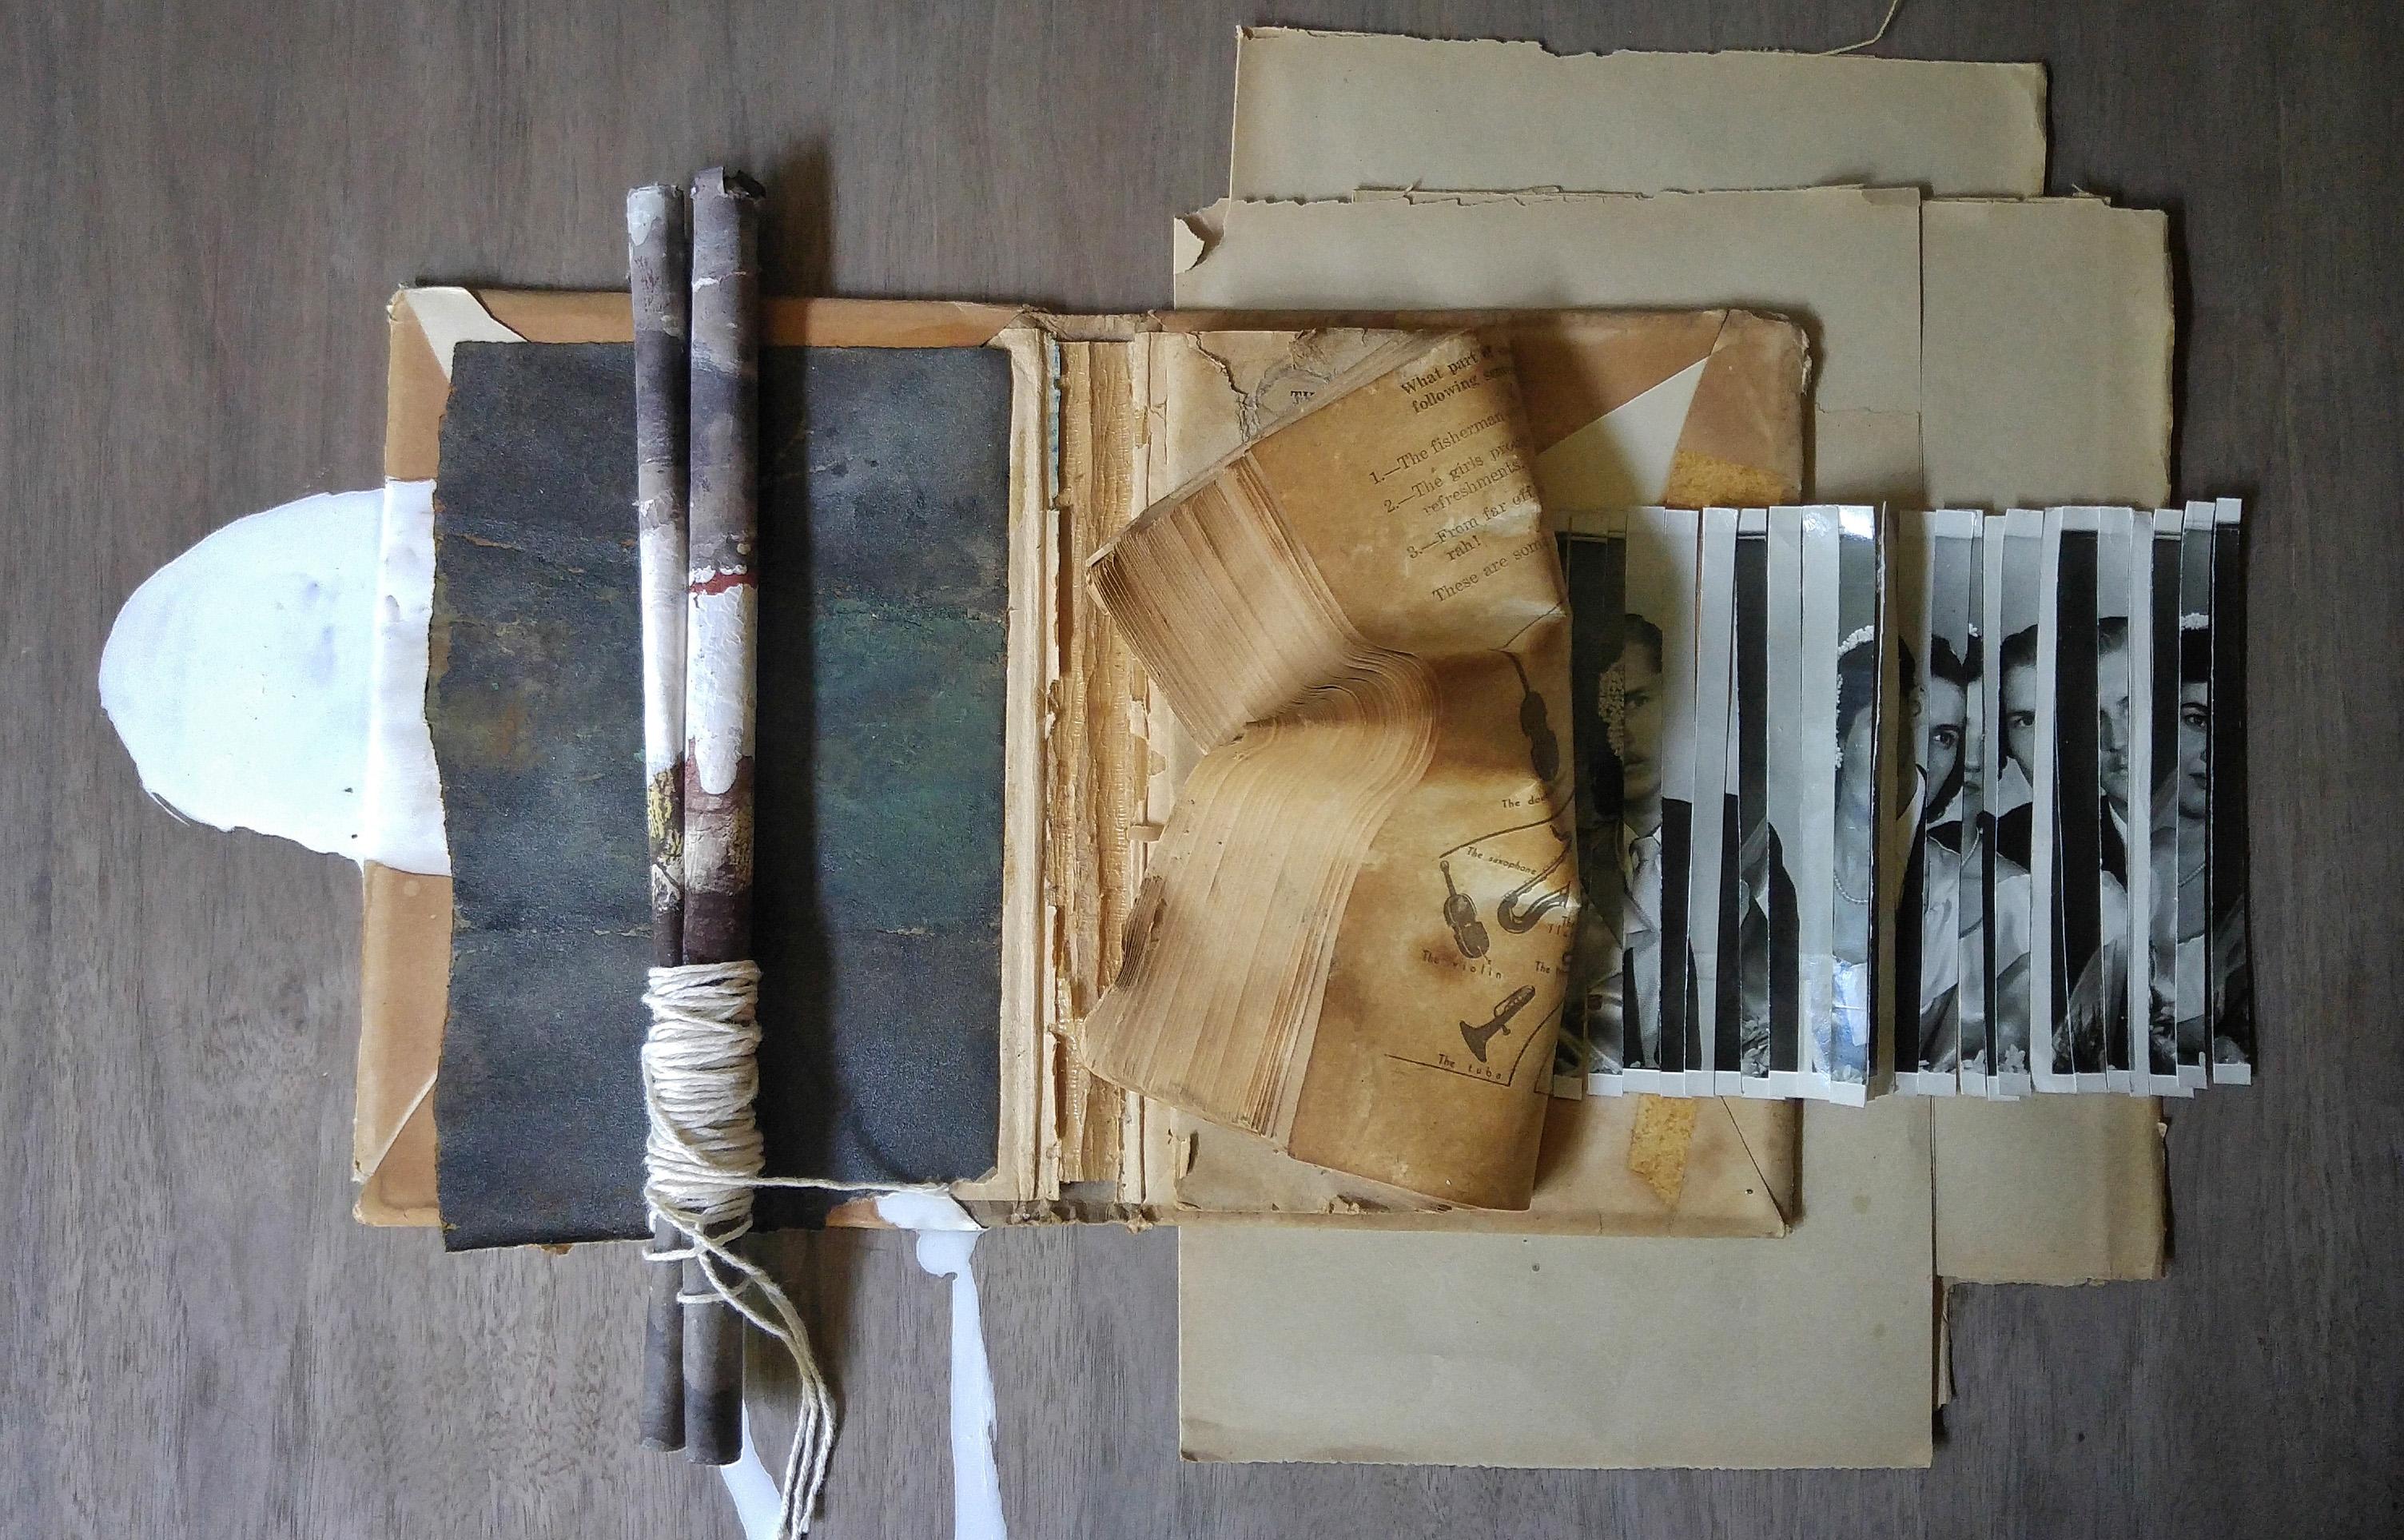 Piezas abandonadas en cajones cobran vida en la exposición Contendor sagrado / Ex Convento del Carmen